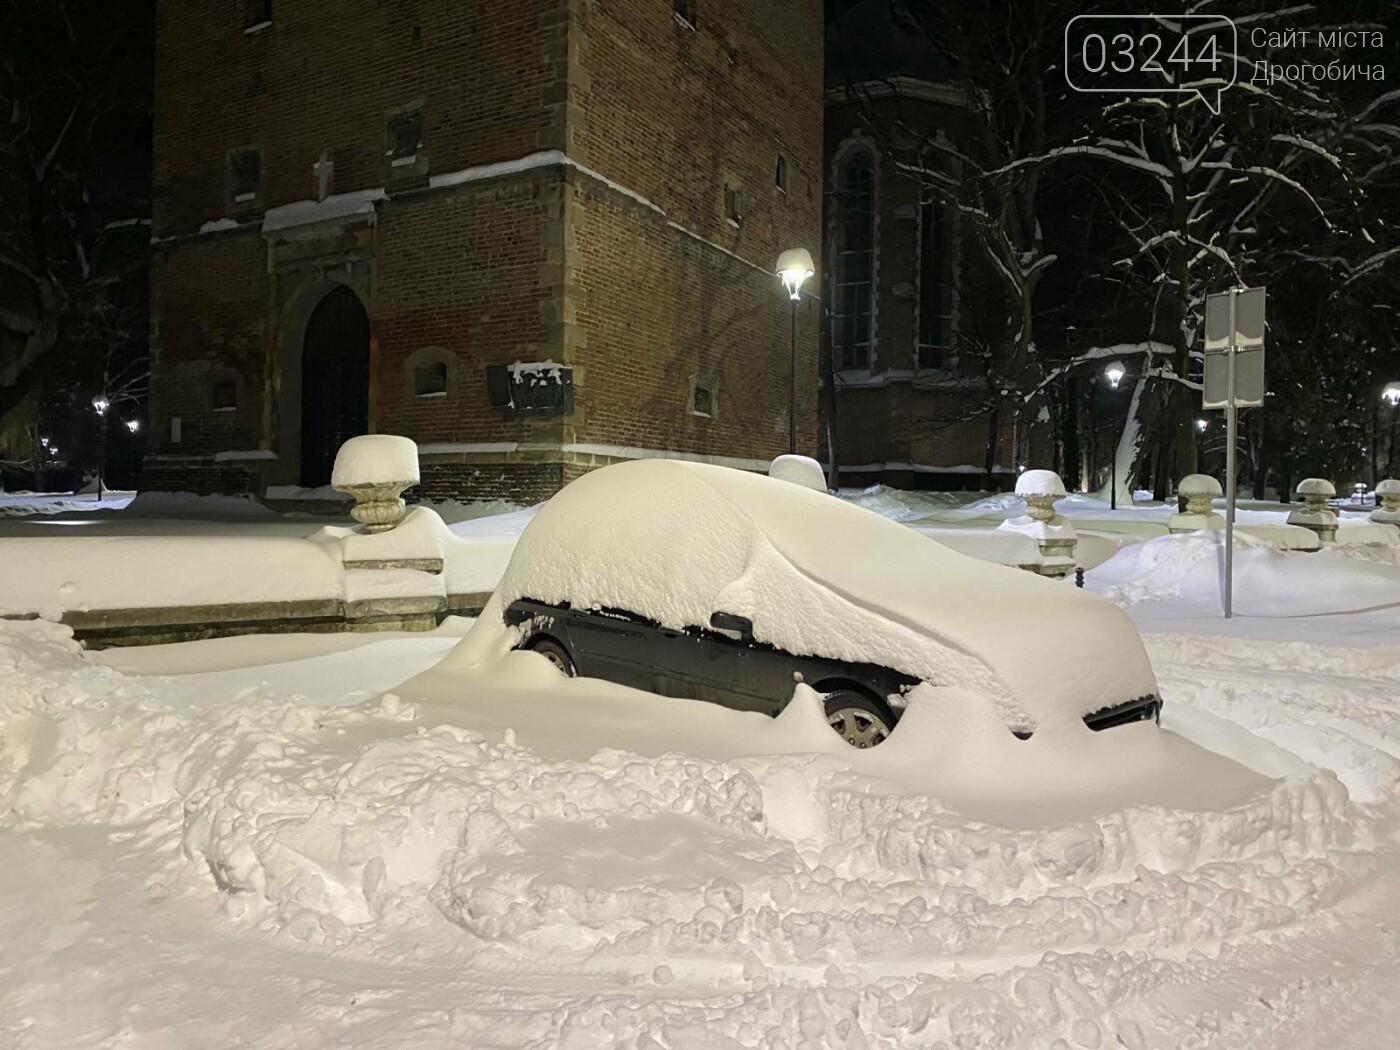 Притрусило: негода перетворила автівки, які не виїжджали кілька днів, на снігові кургани, - ФОТОРЕПОРТАЖ, фото-14